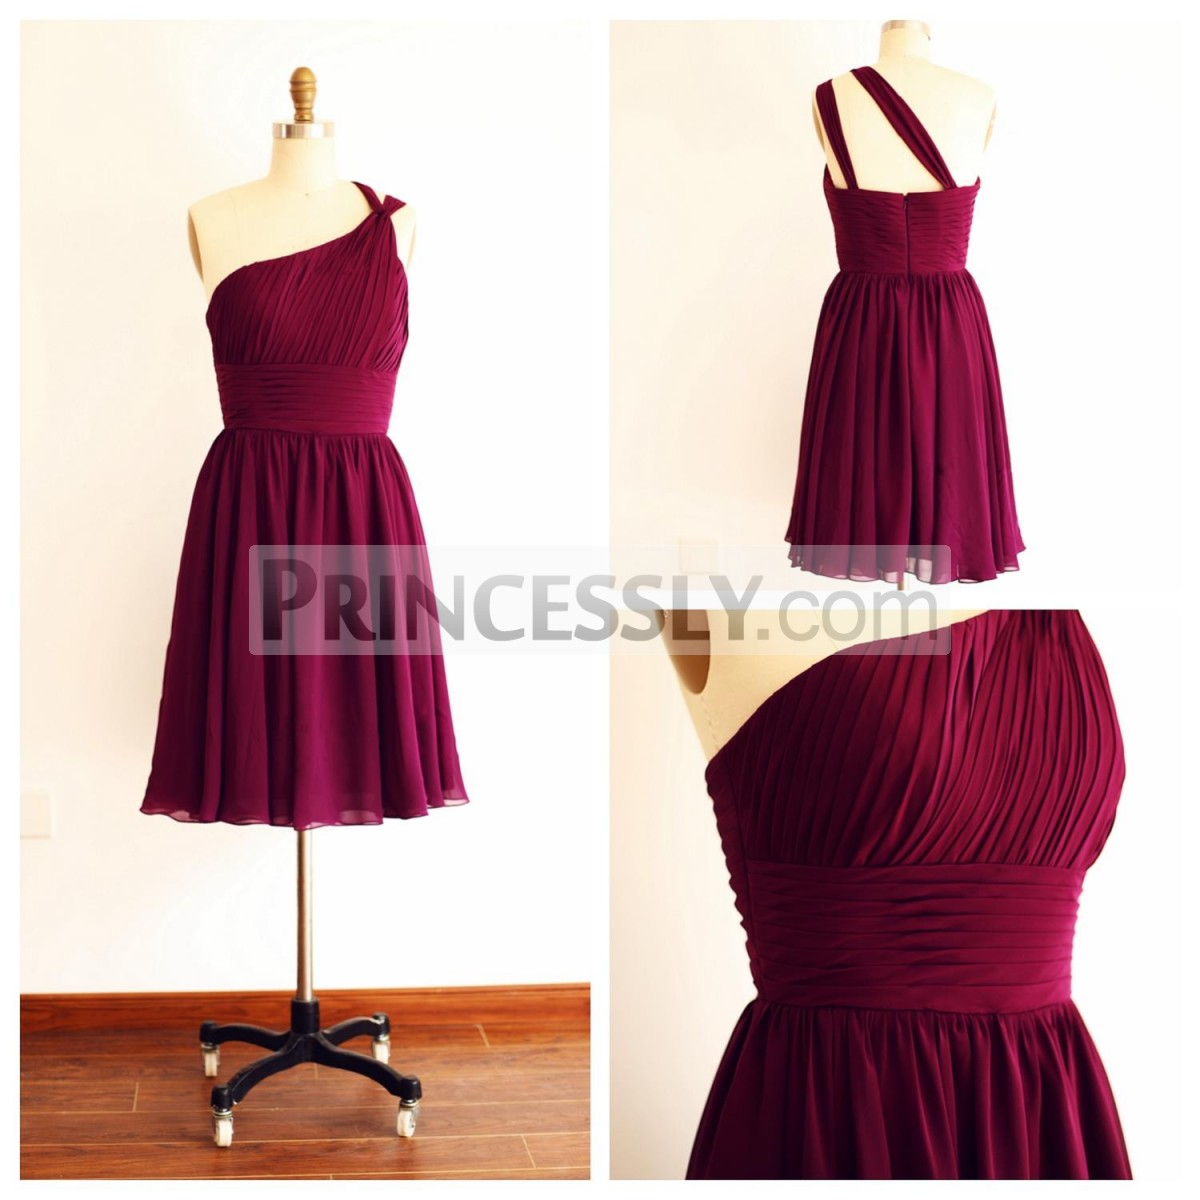 Princessly.com-K1003258-One Shoulder Plum Purple A line Short Knee Length Bridesmaid Dress-31